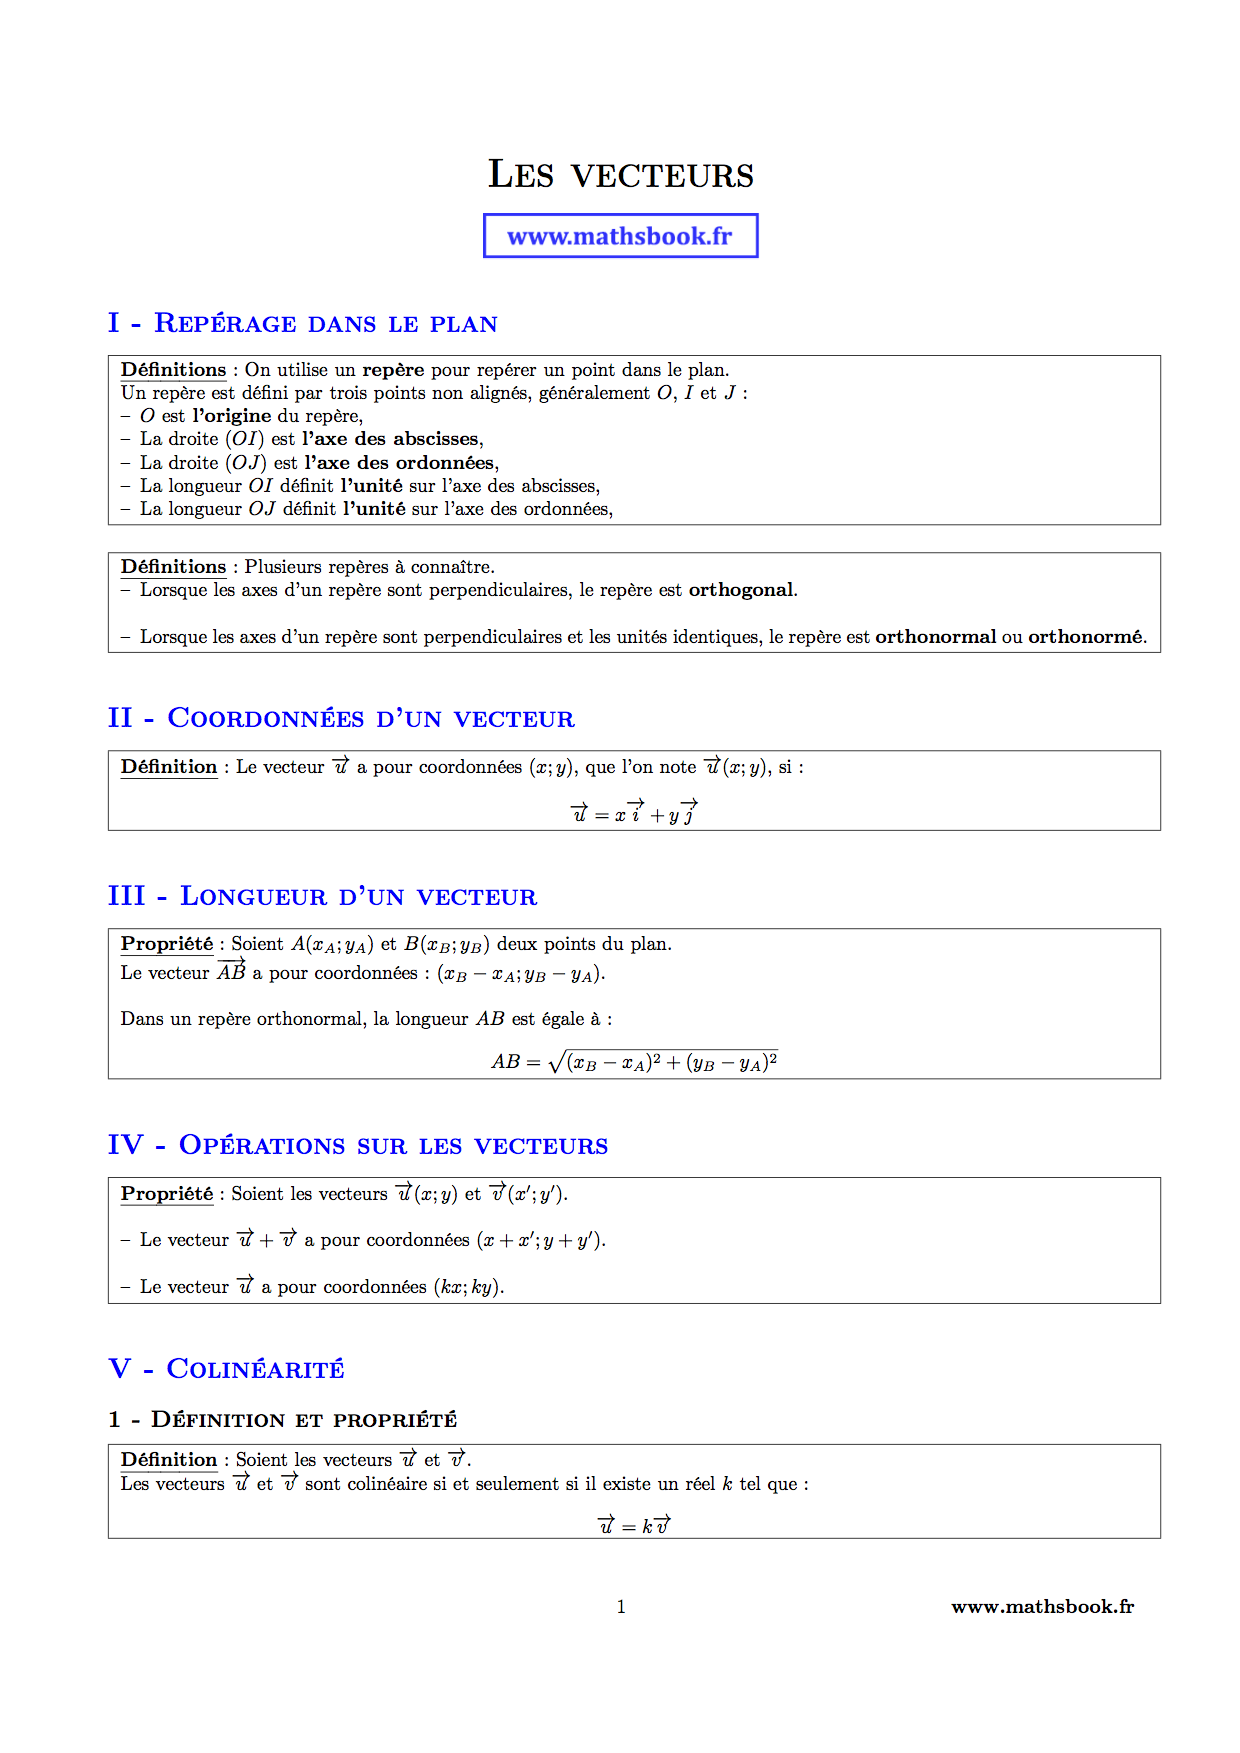 maths en seconde, travail sur des triangles 2nde Mathématiques